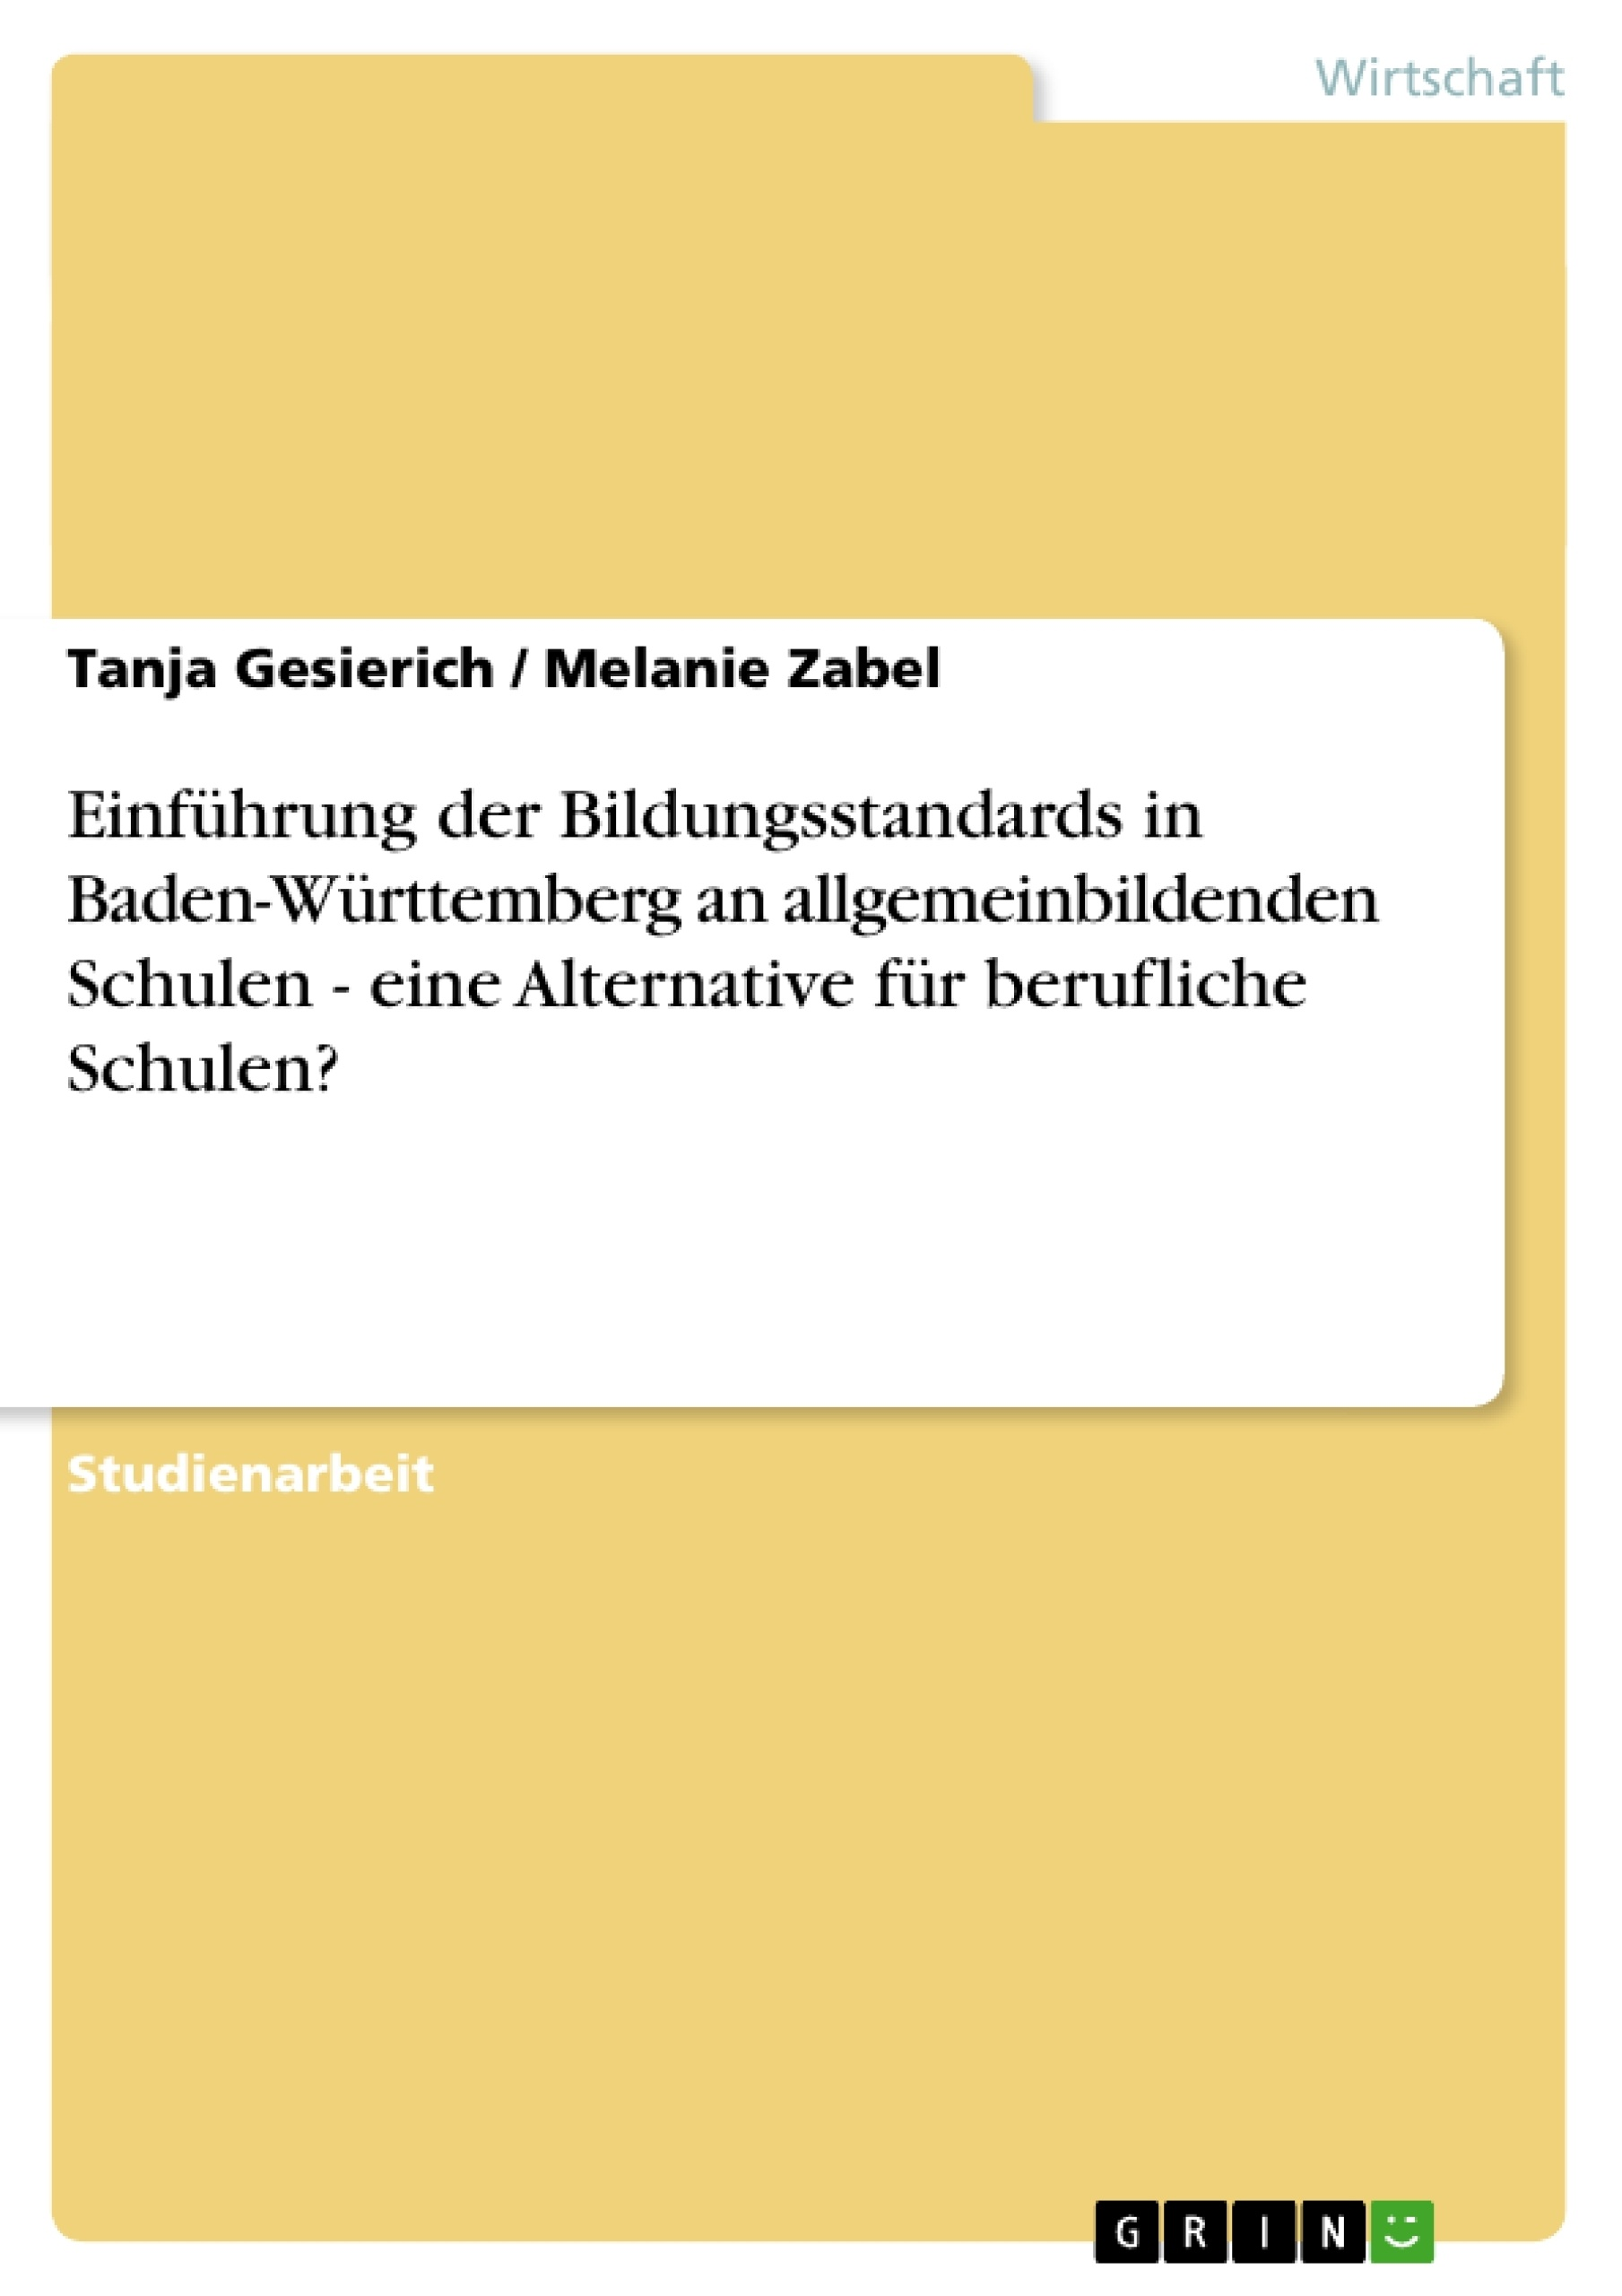 Titel: Einführung der Bildungsstandards in Baden-Württemberg an allgemeinbildenden Schulen - eine Alternative für berufliche Schulen?